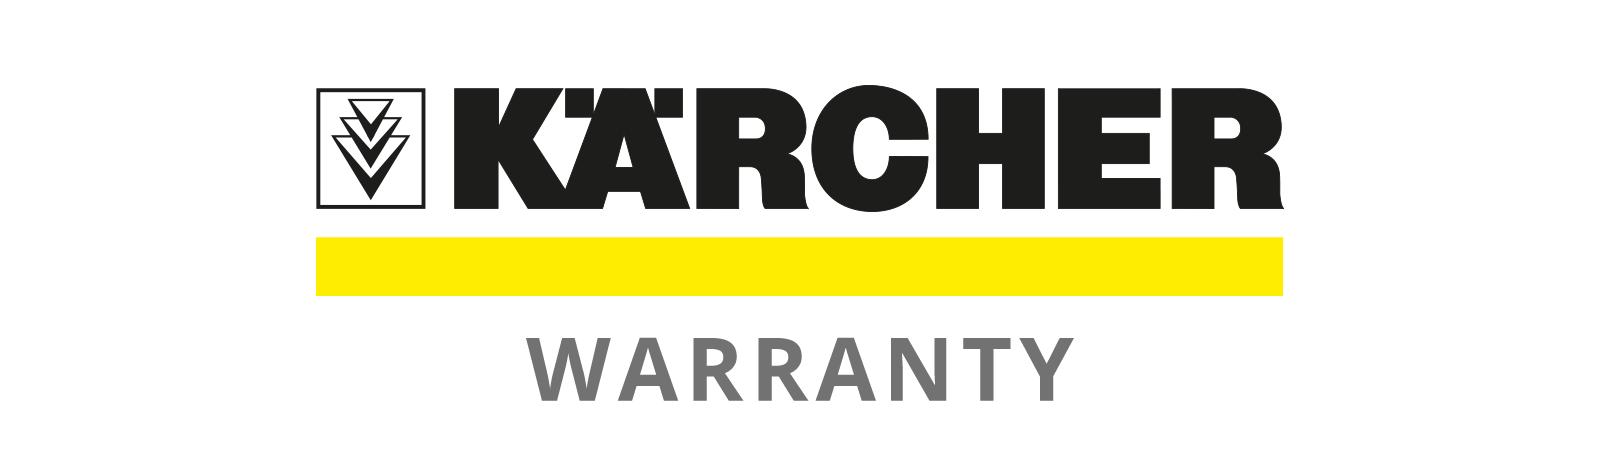 karcher-warranty.png